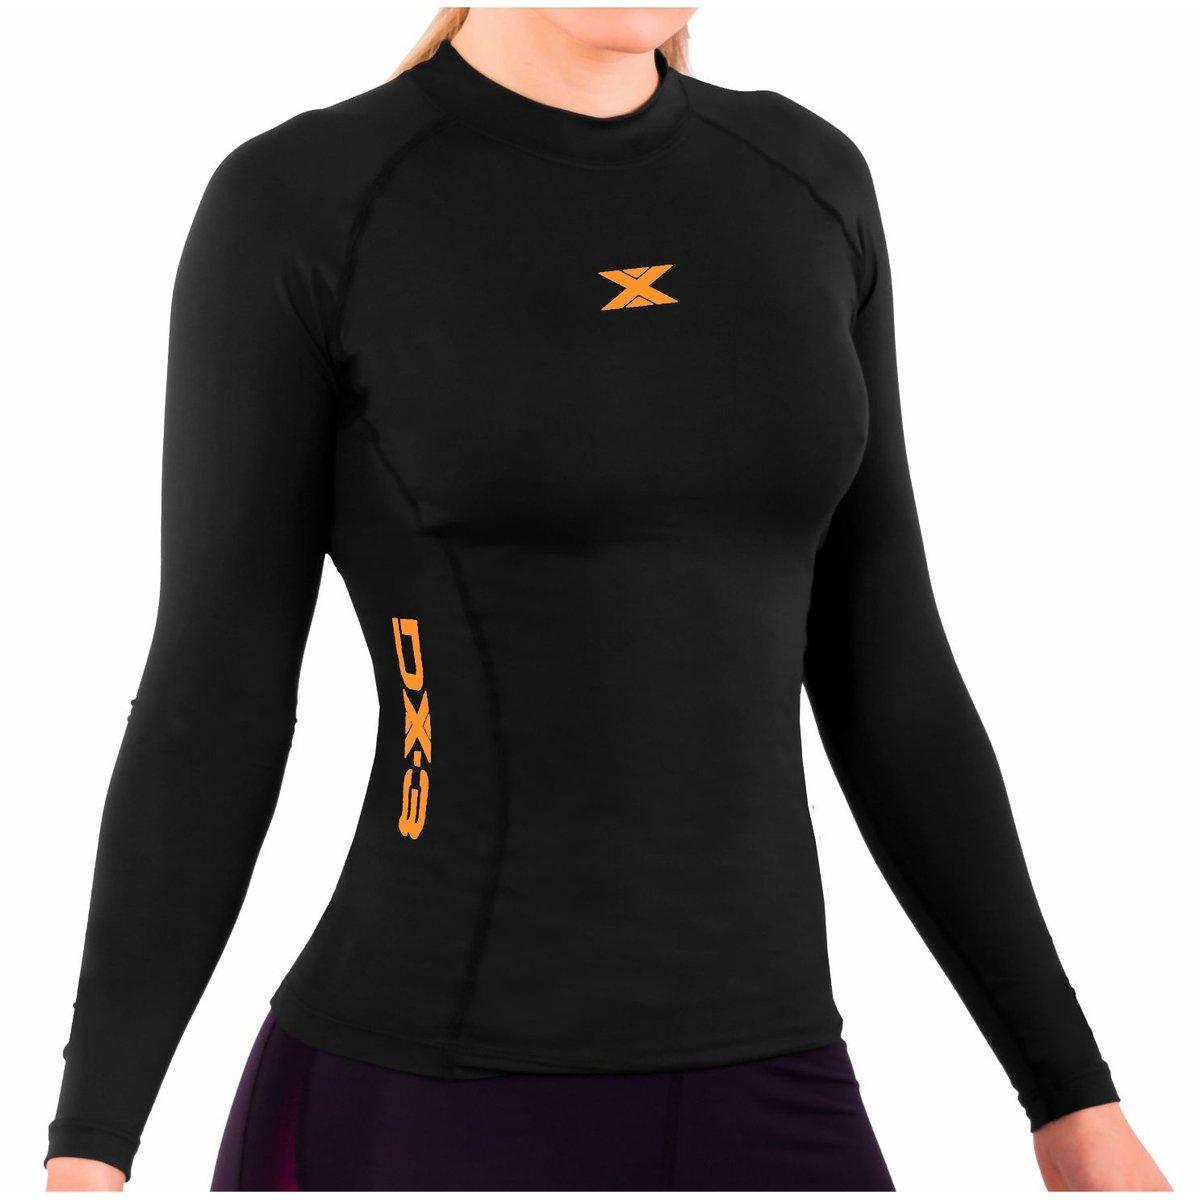 ... Camisa DX3 XSOFT Feminina Manga Longa Corrida Fitness Trekking 91028 ... 612aca920cc8b